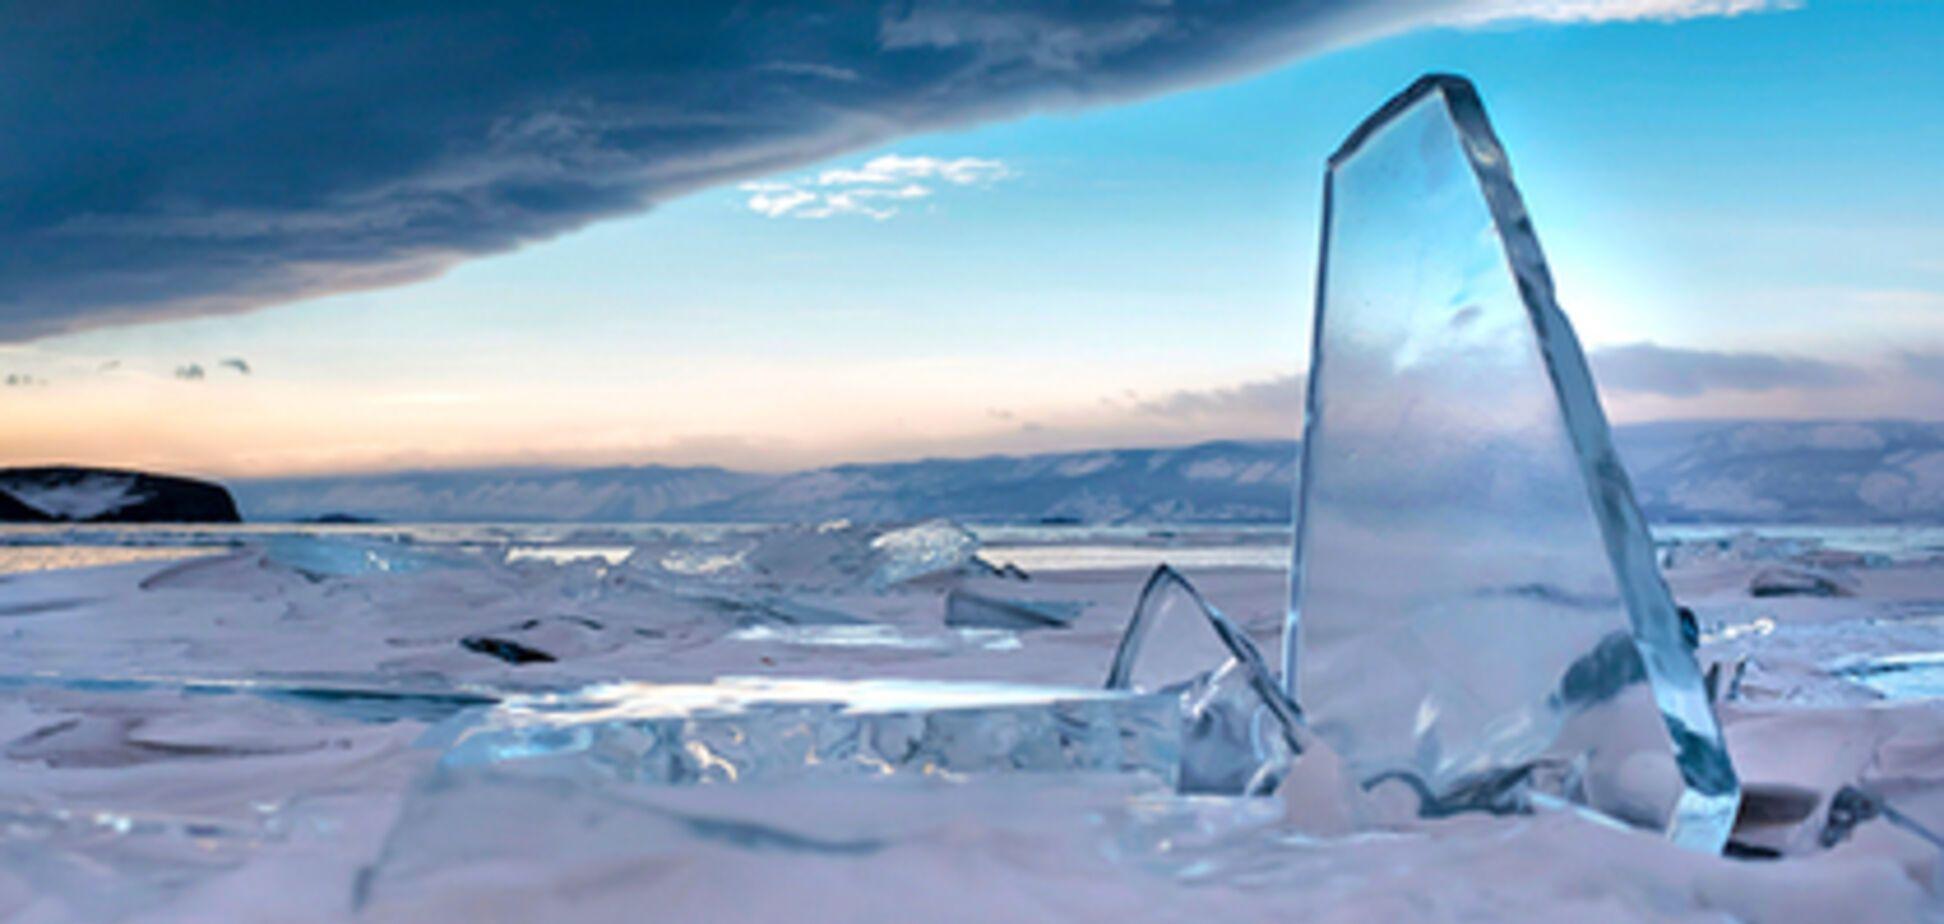 Ученые нашли новую форму аномальной материи